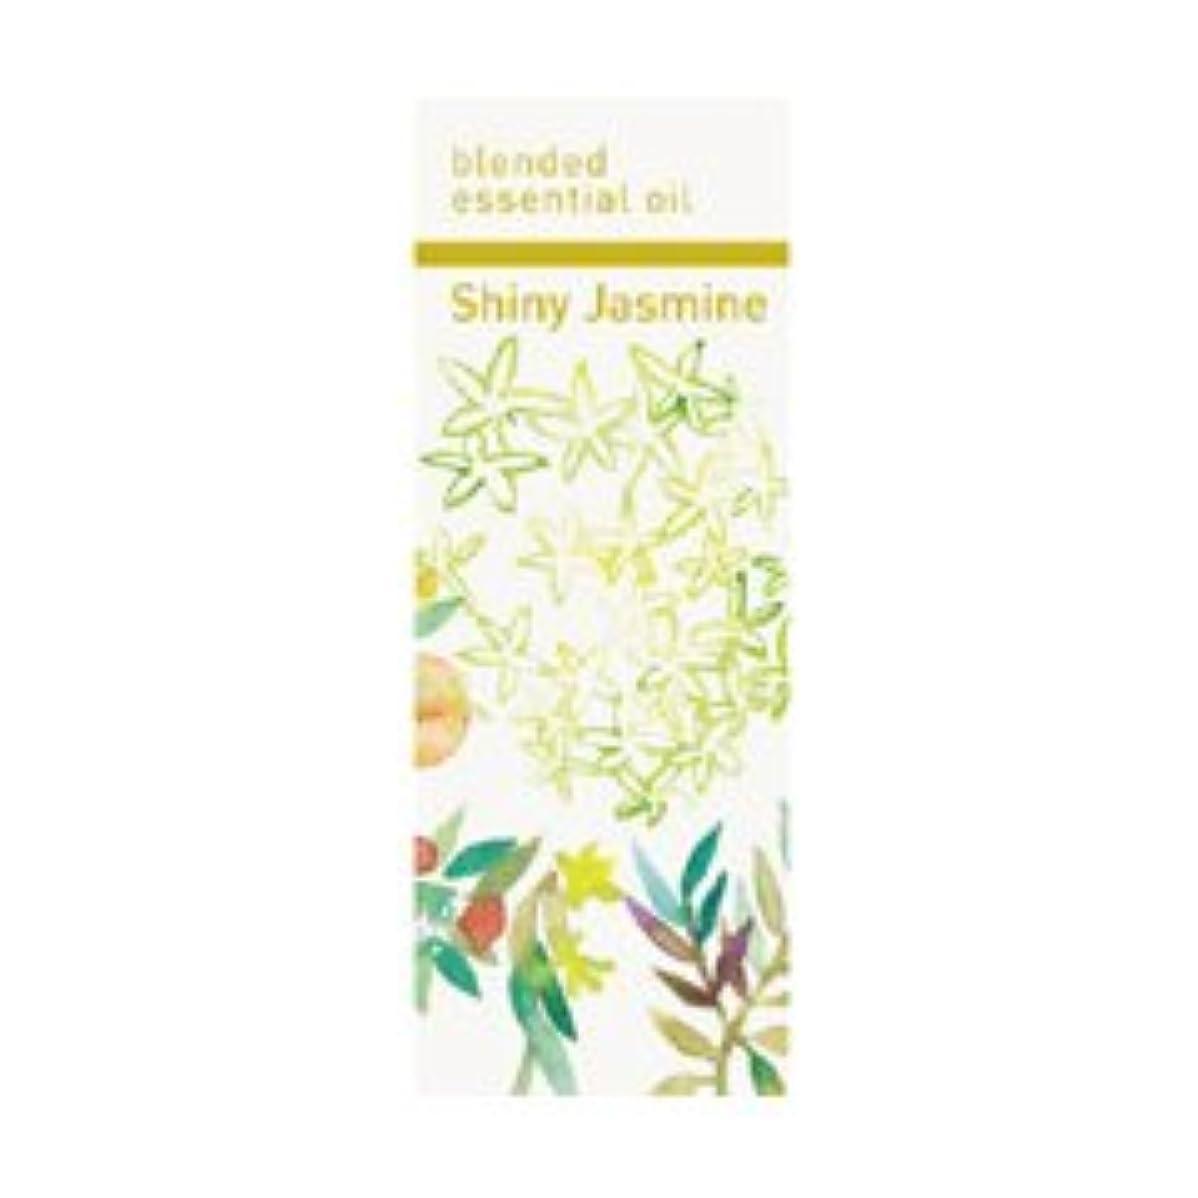 ラジカル過剰熱望する生活の木 ブレンドエッセンシャルオイル シャイニージャスミン [30ml] エッセンシャルオイル/精油